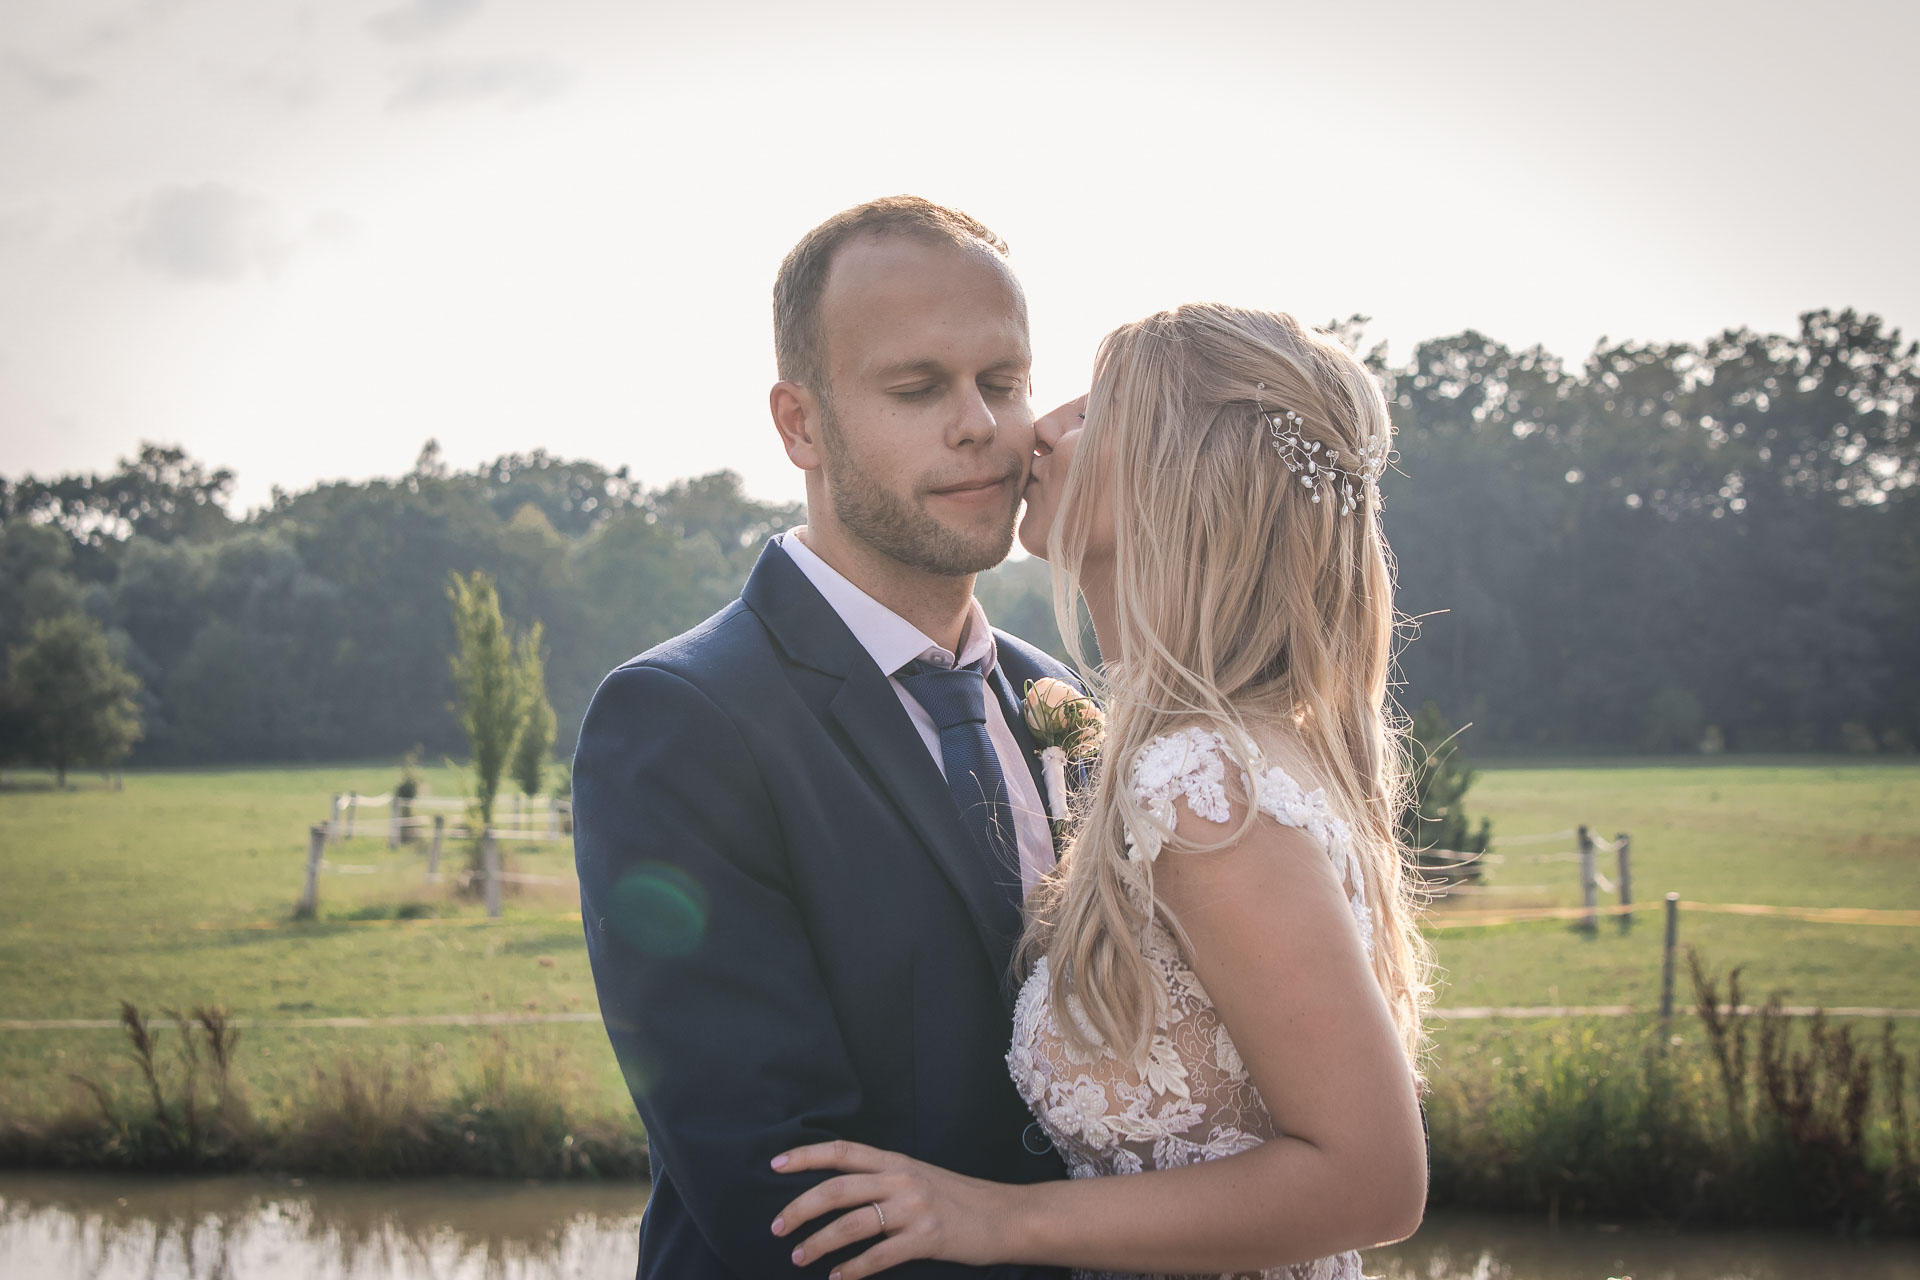 svatební-fotograf-zámek-Nové-Hrady-svatební-fotograf-Hradec-Králové-svatební-video-Hradec-Králové-250